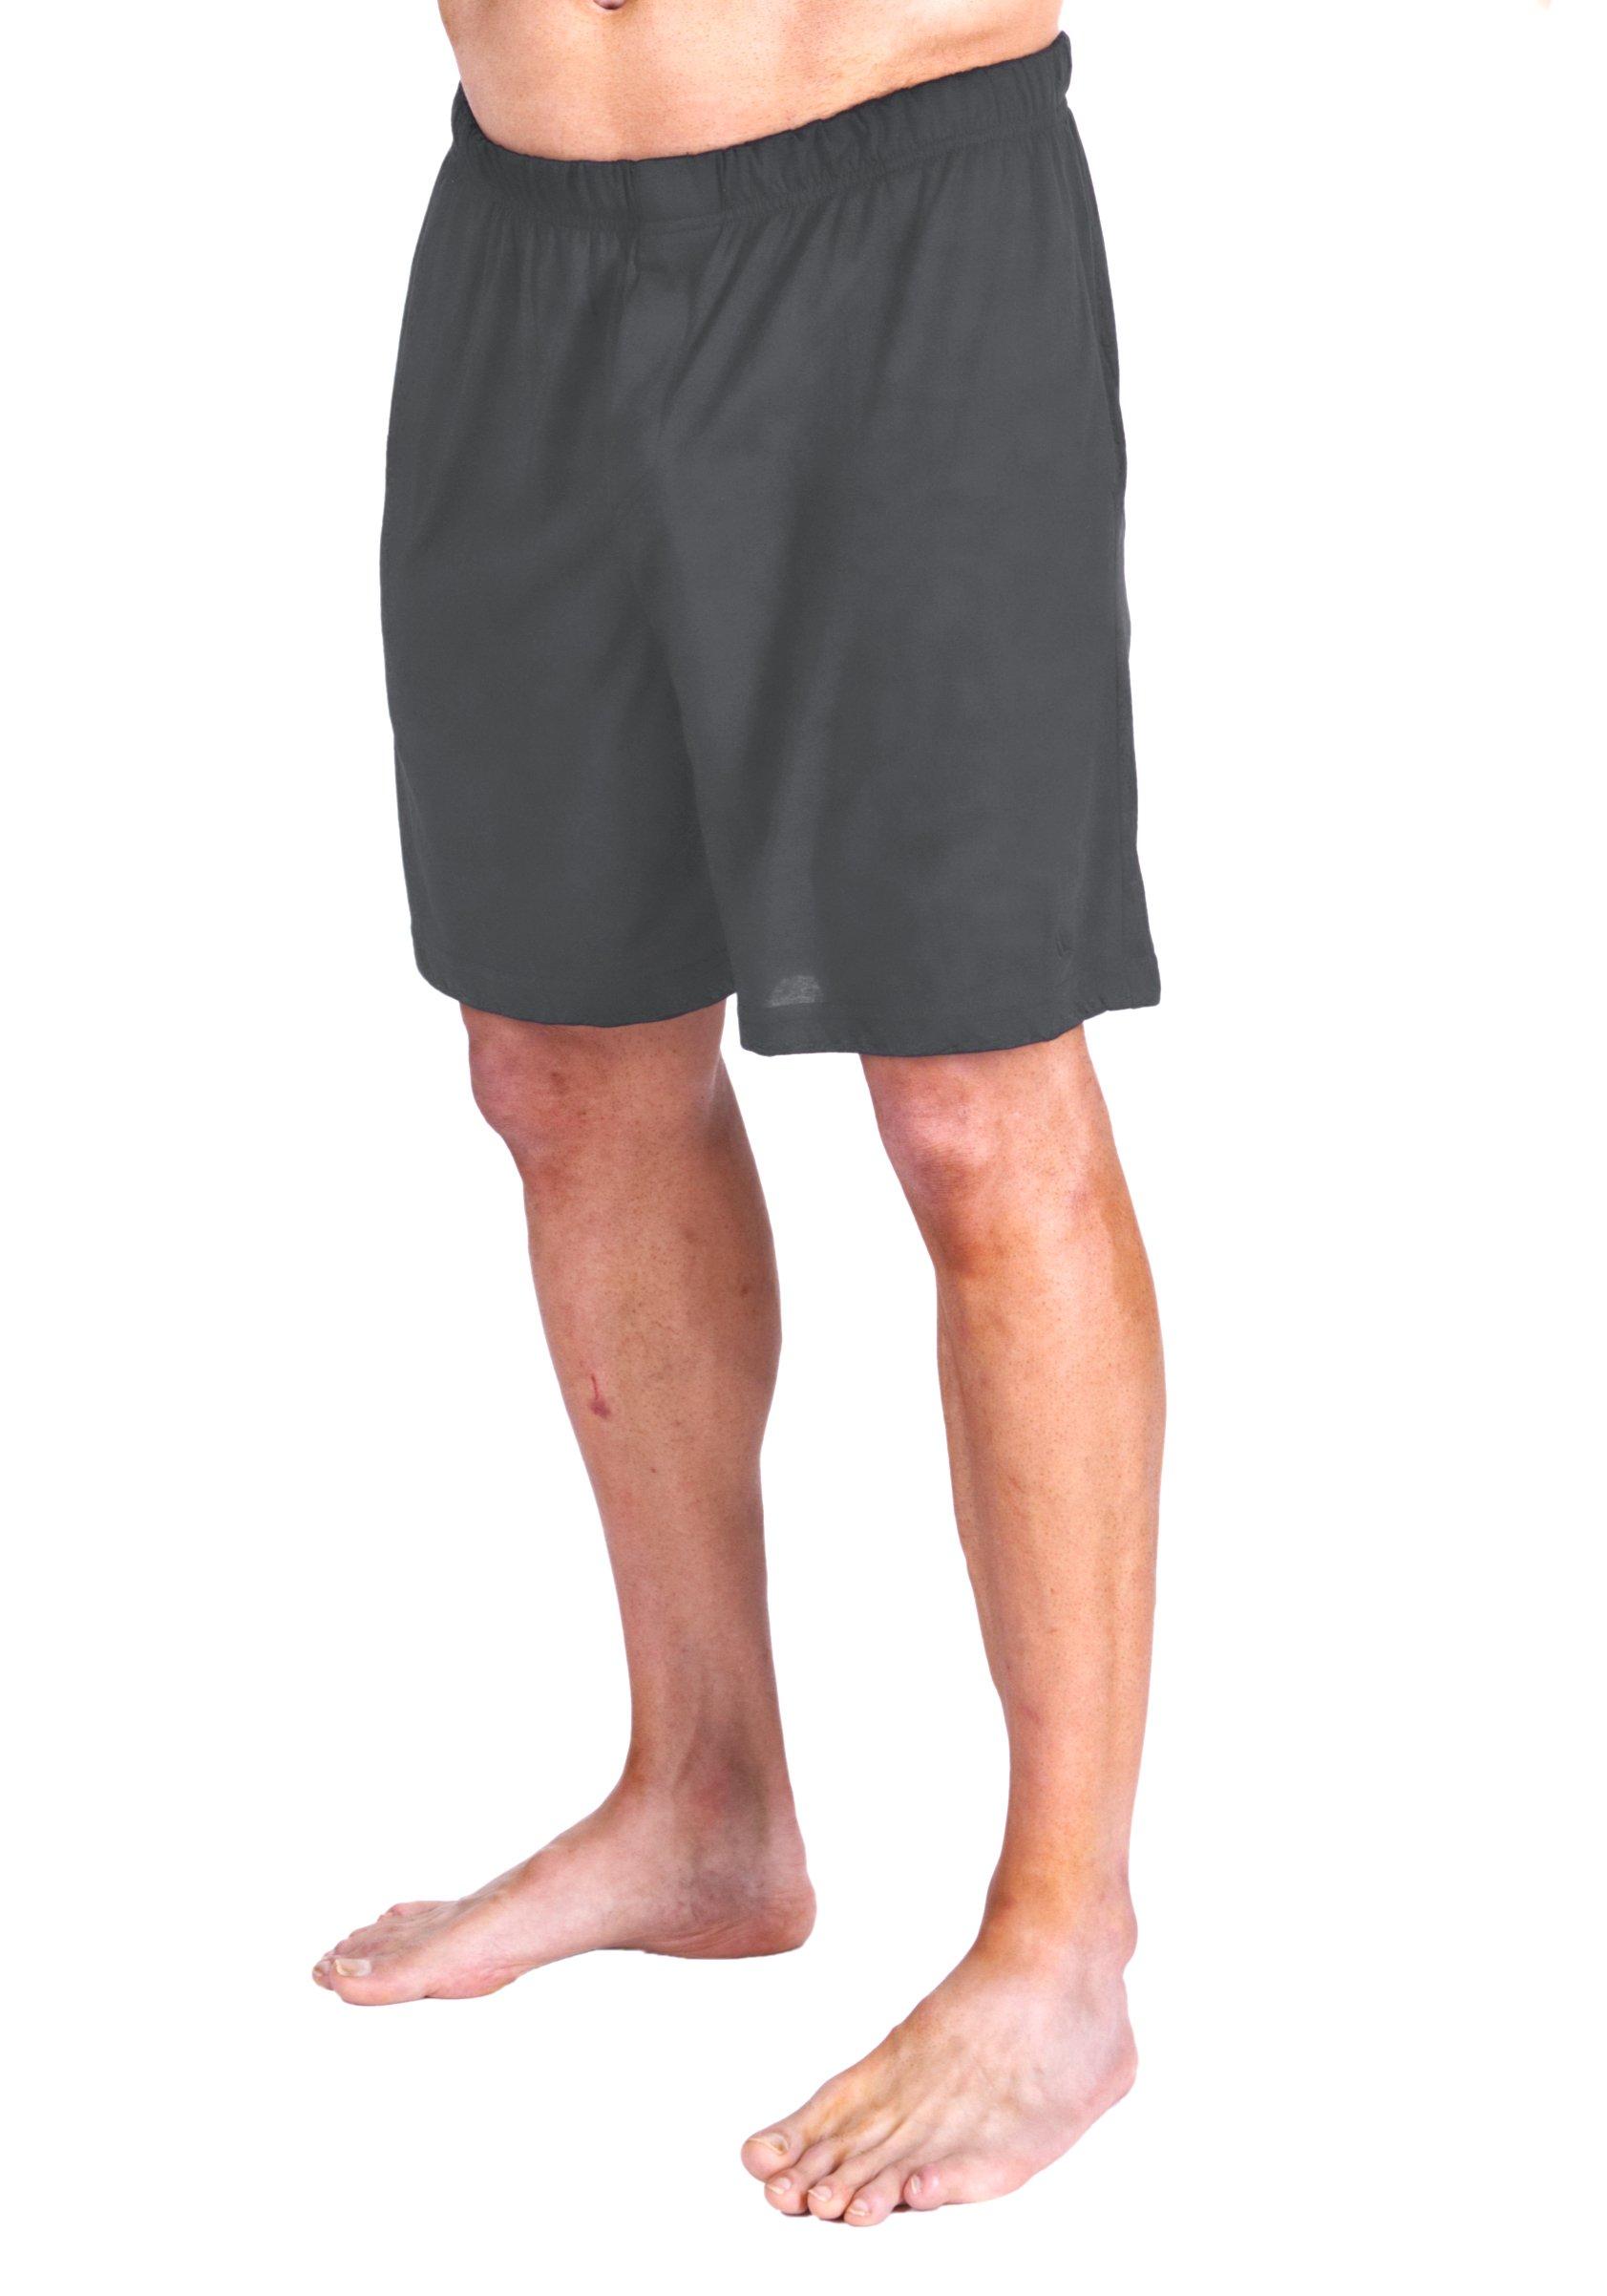 Cool-jams Men's Wicking Sleep Boxer Short (Large, Steel)